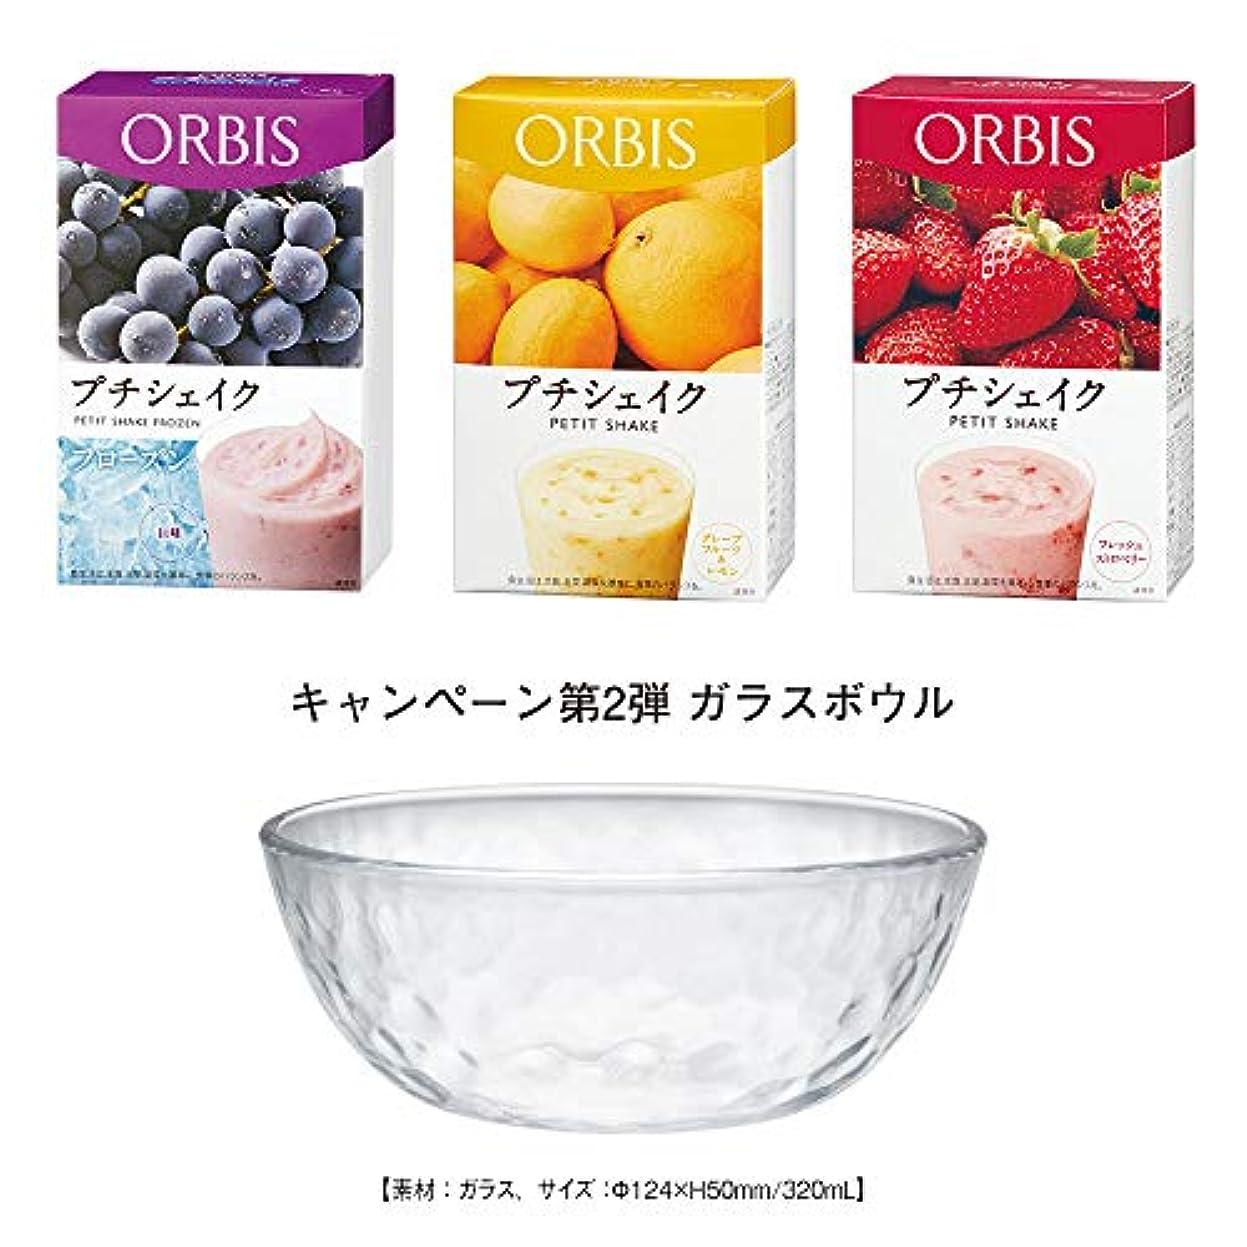 肌寒い一過性確認してくださいオルビス(ORBIS) プチシェイク3箱セット(フローズン 巨峰+グレープフルーツ&レモン+フレッシュストロベリー) 7食分×3箱 ガラスボウル付 ◎(ダイエットドリンク?スムージー◎